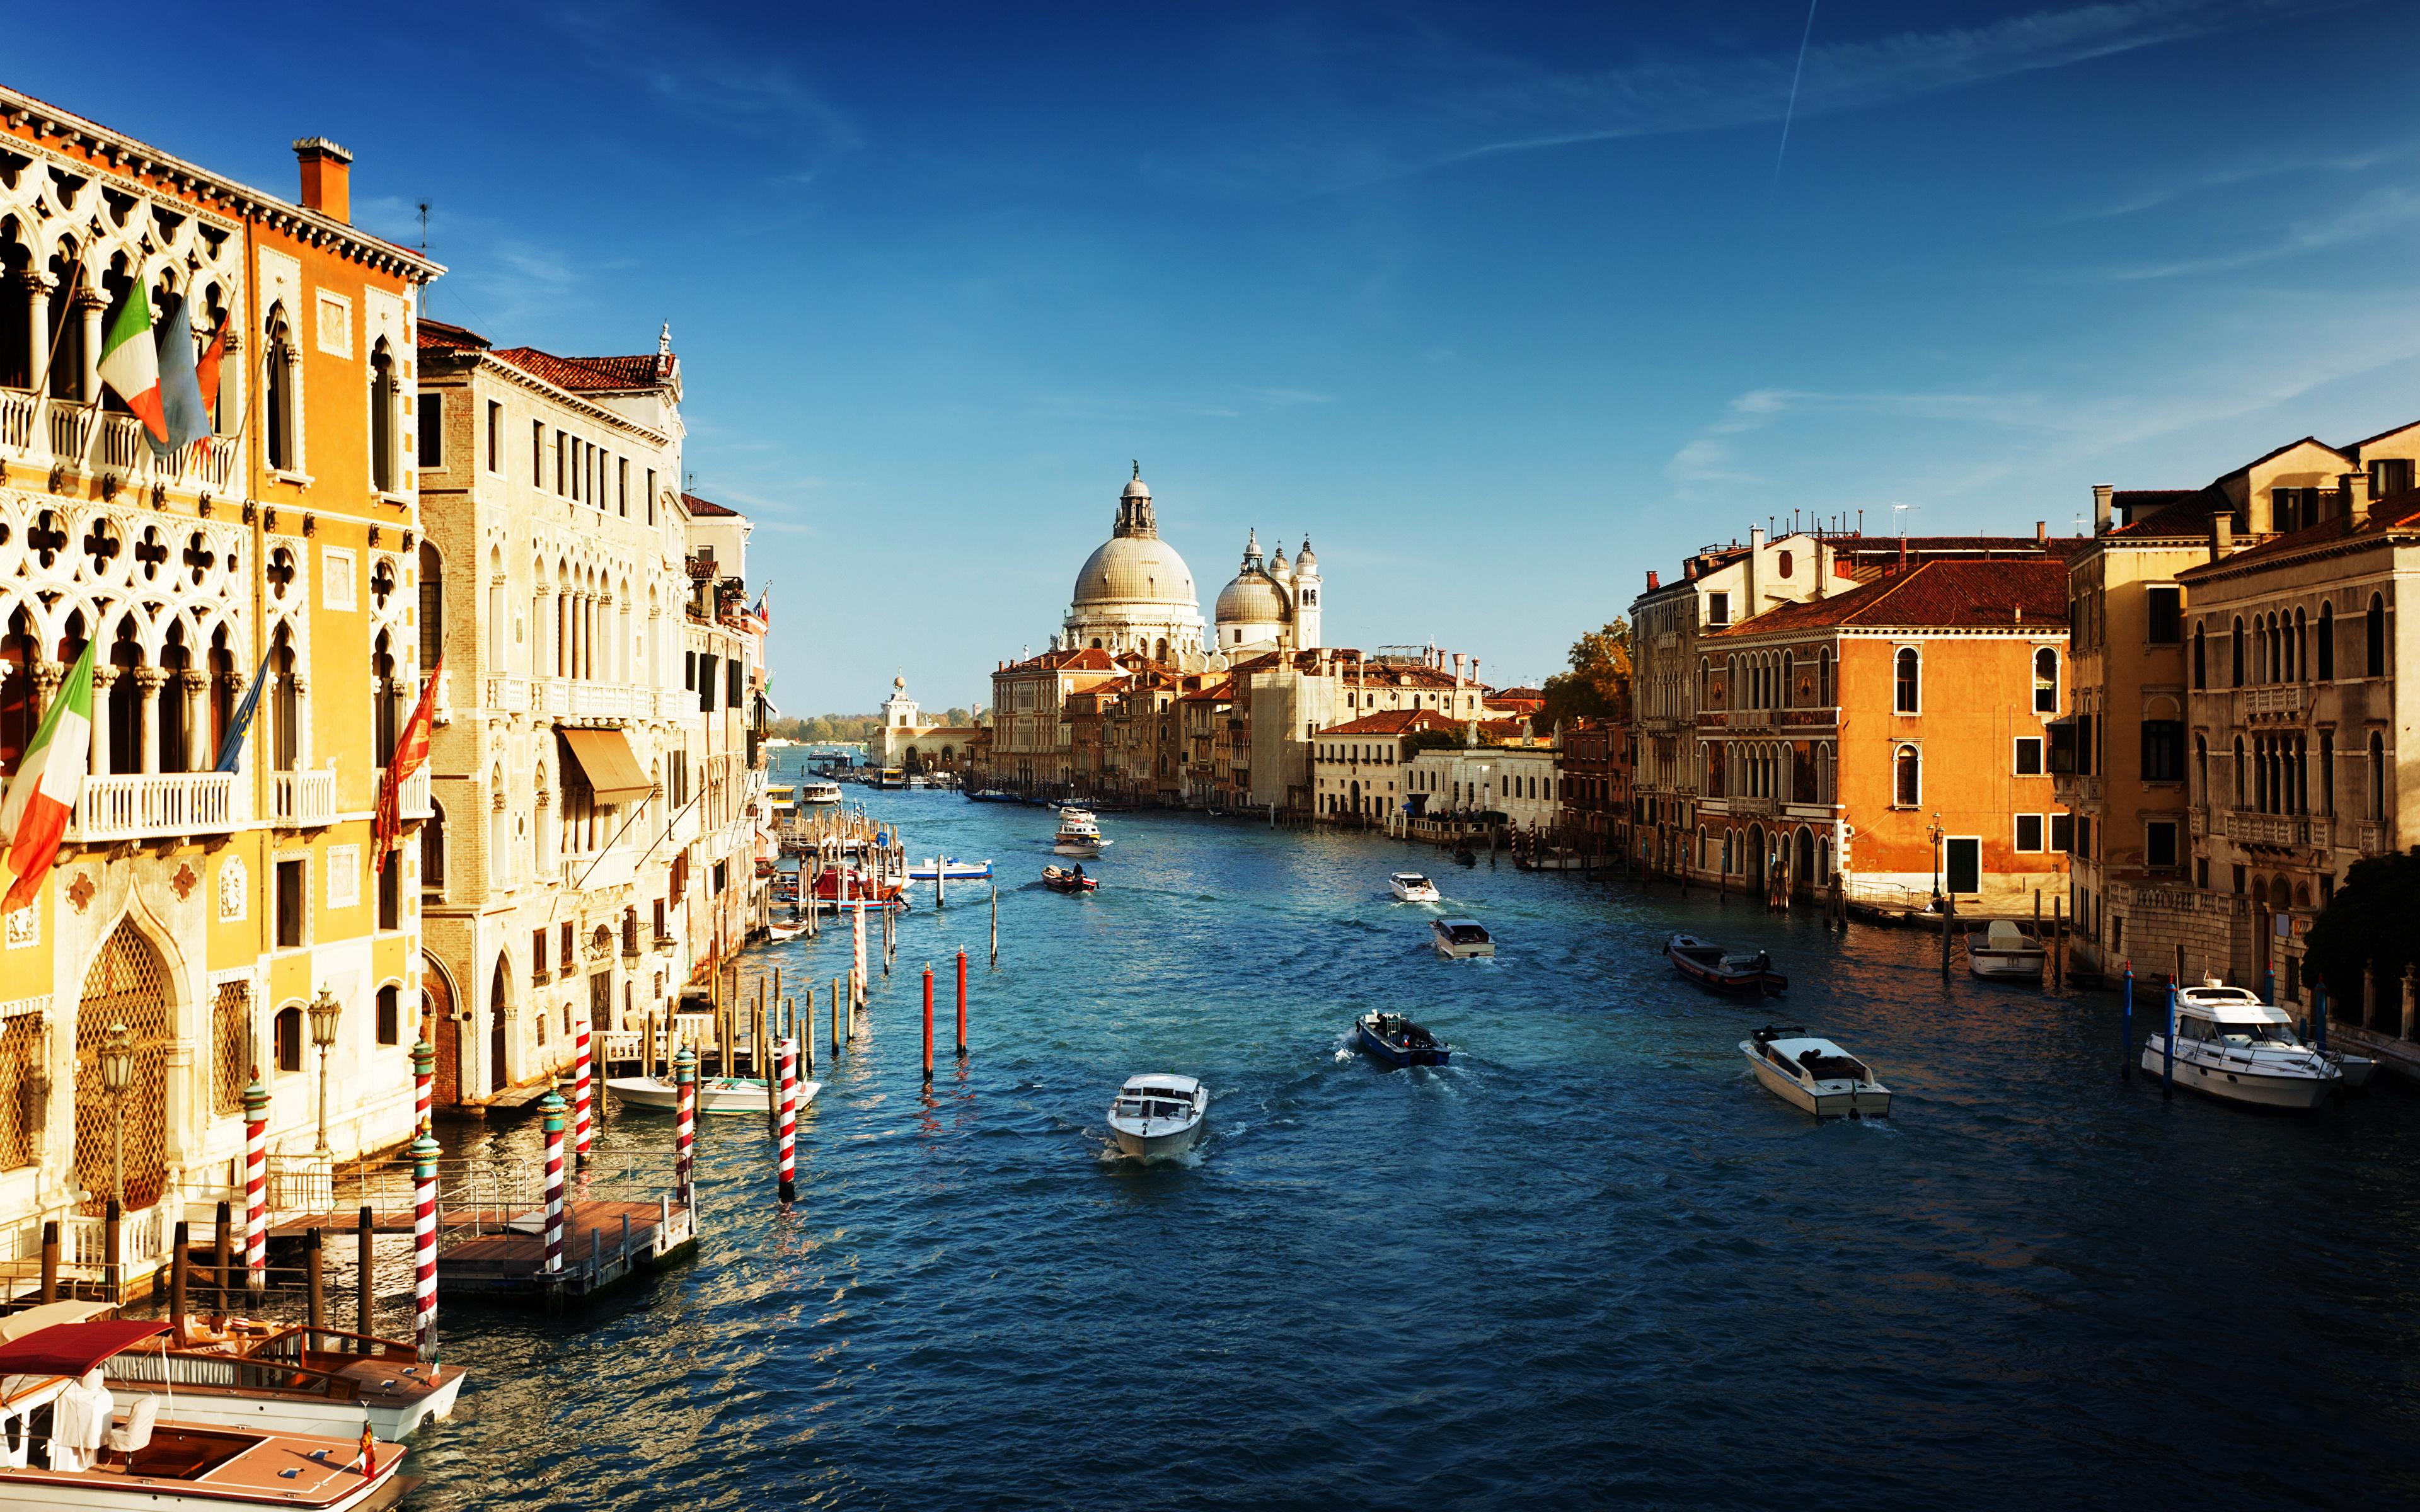 Обои дома, grand canal, водный канал, катера, венеция. Города foto 11